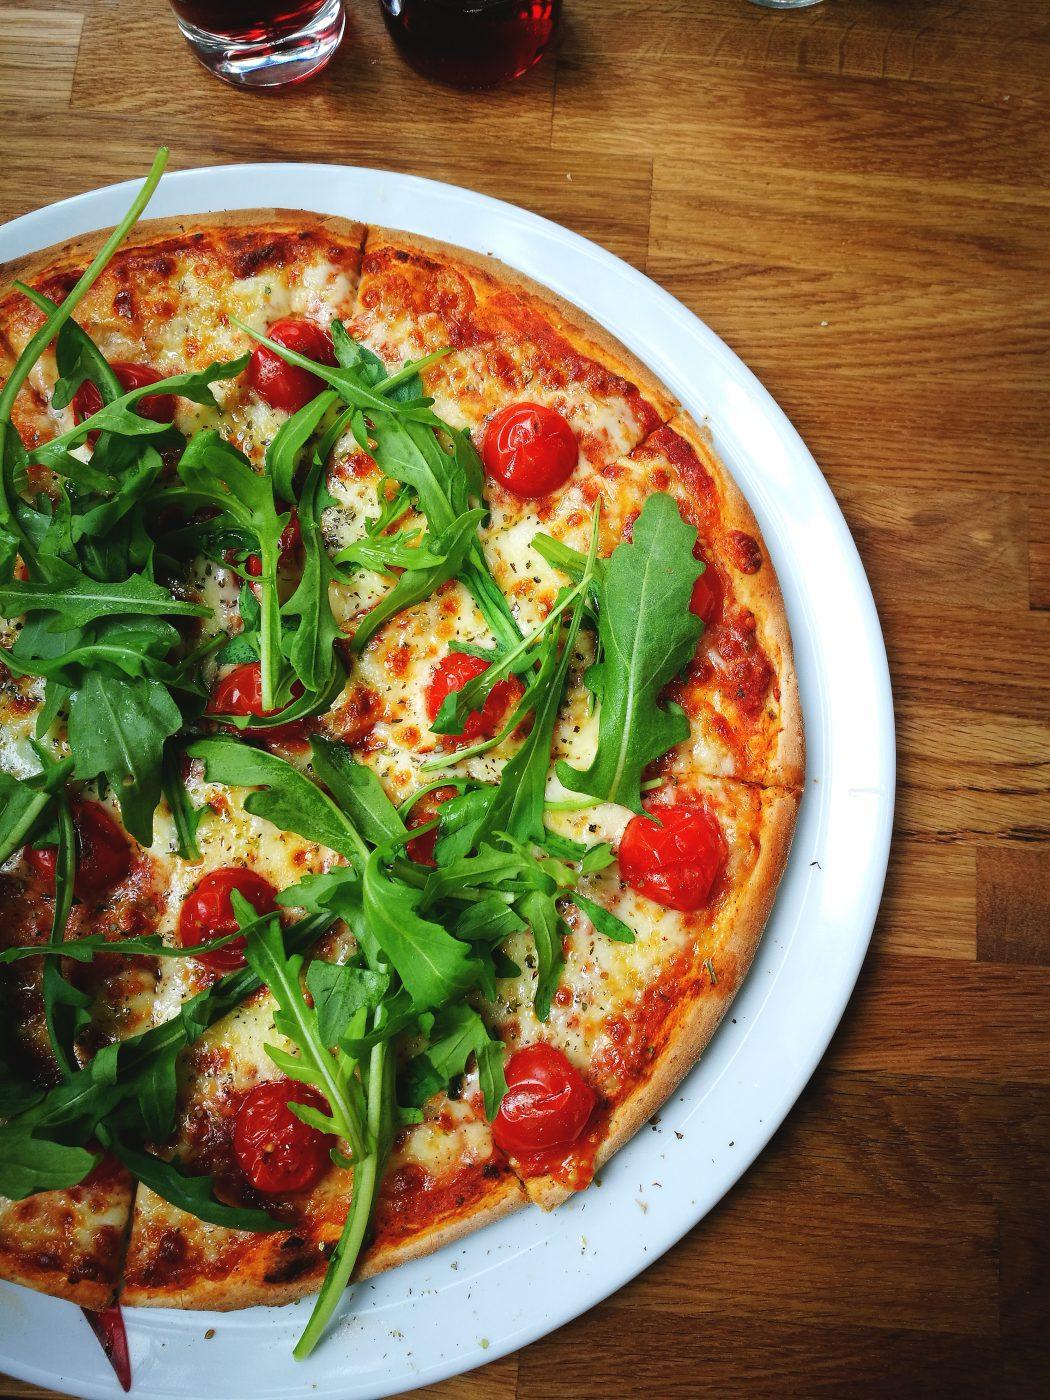 Das Bild zeigt eine Pizza